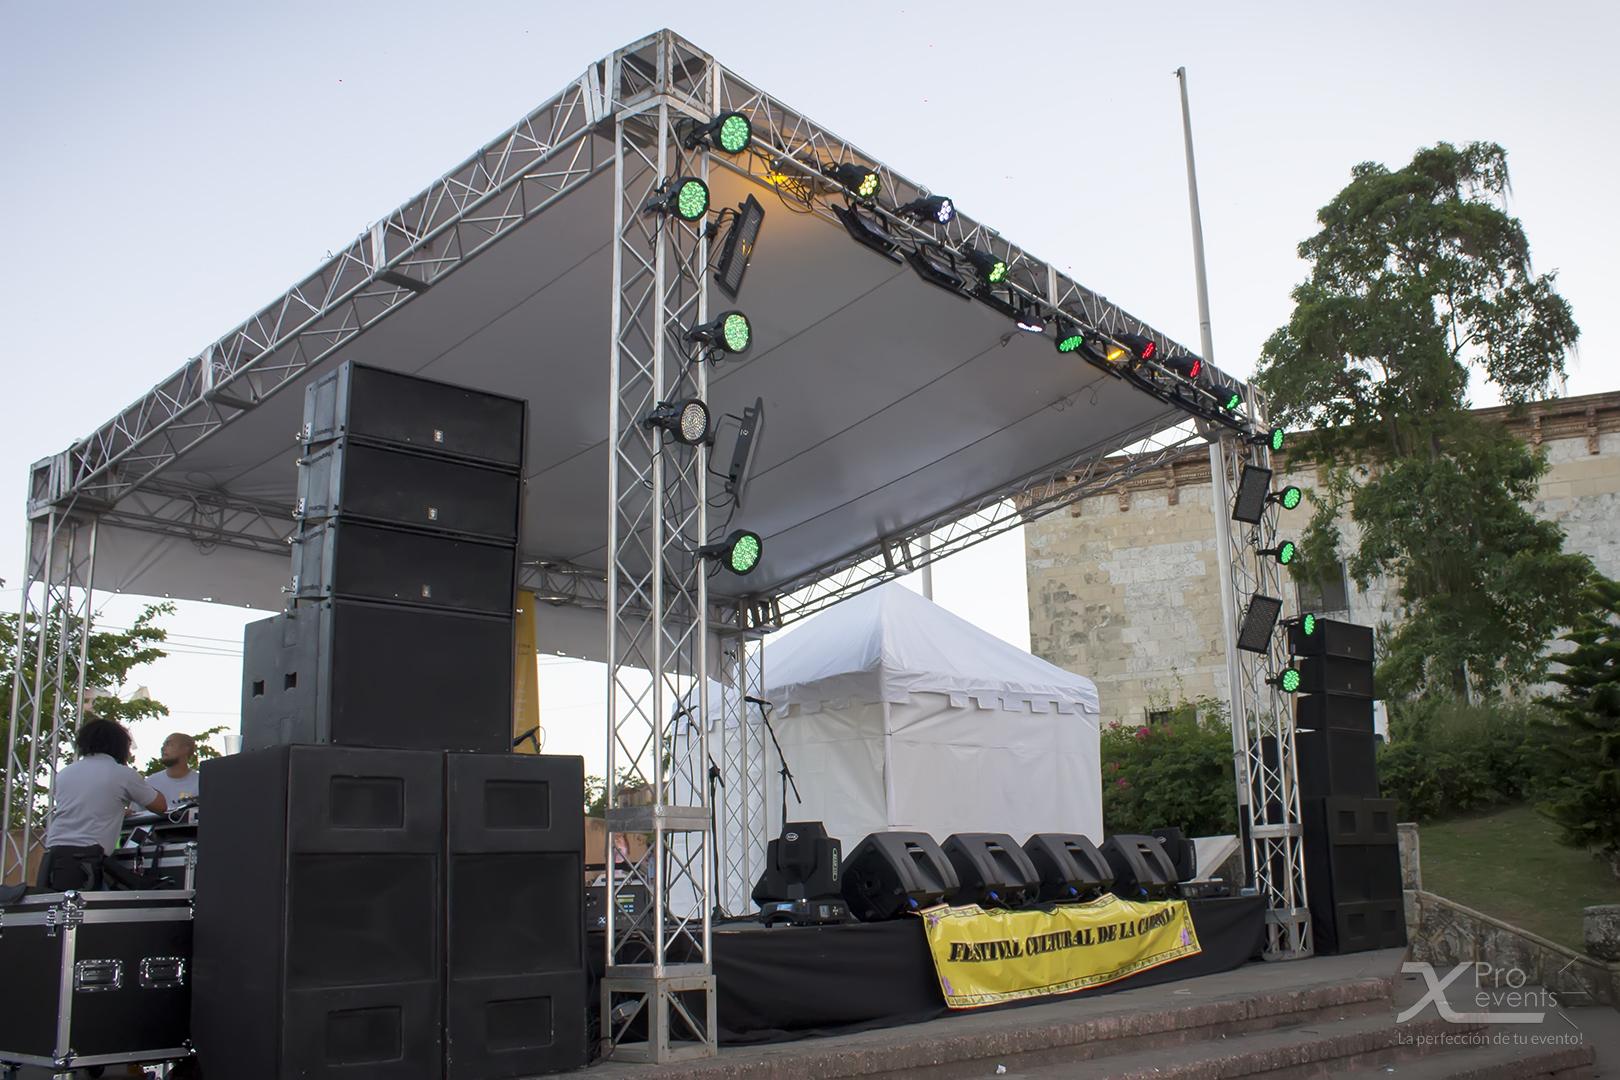 X Pro events - Montajes completos para conciertos (2)